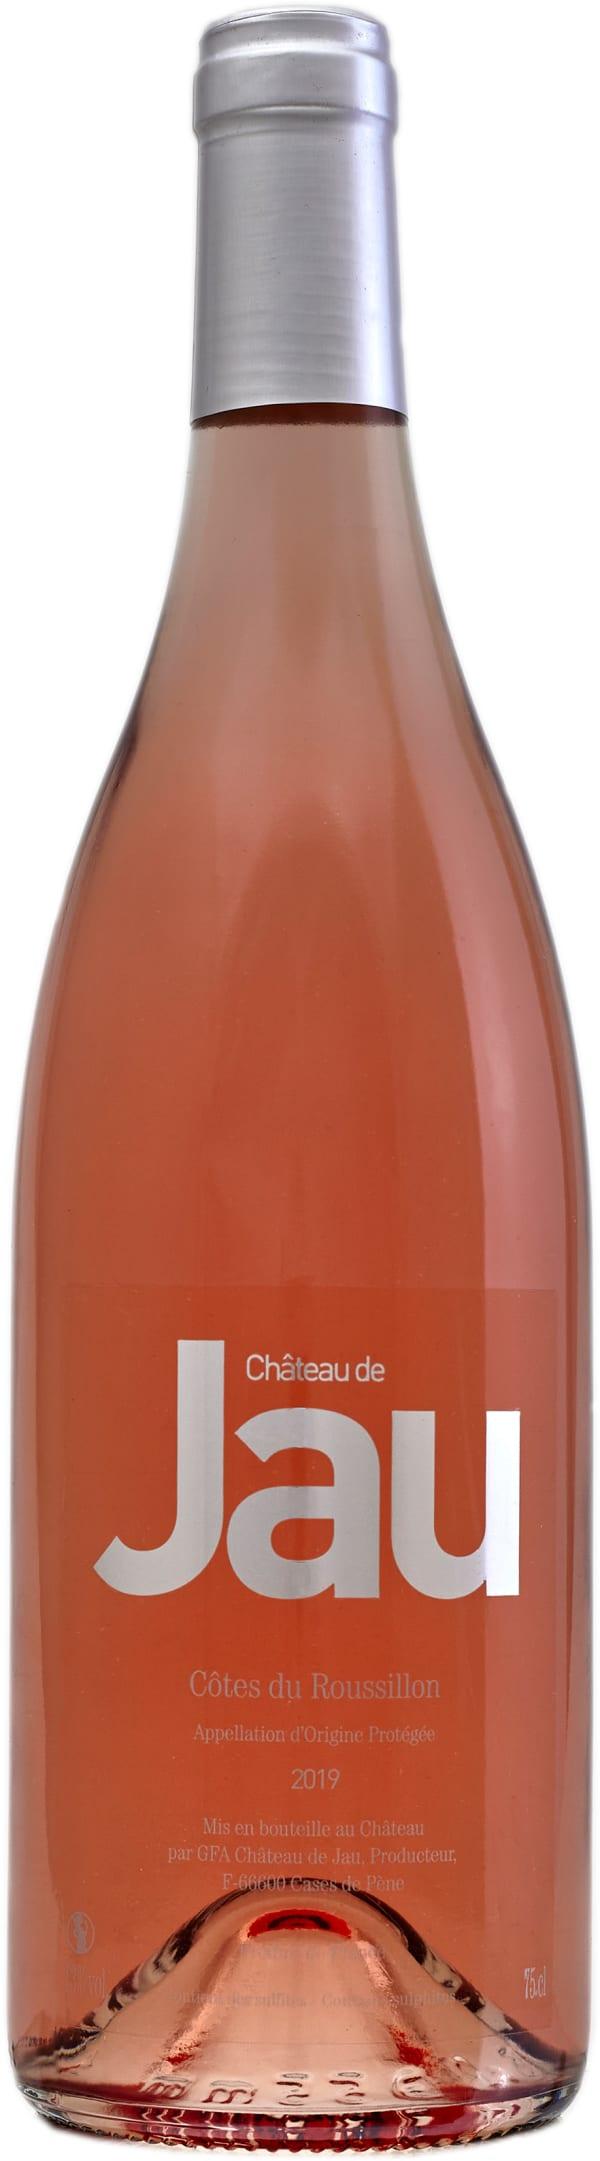 Château de Jau Côtes du Roussillon Rosé 2018